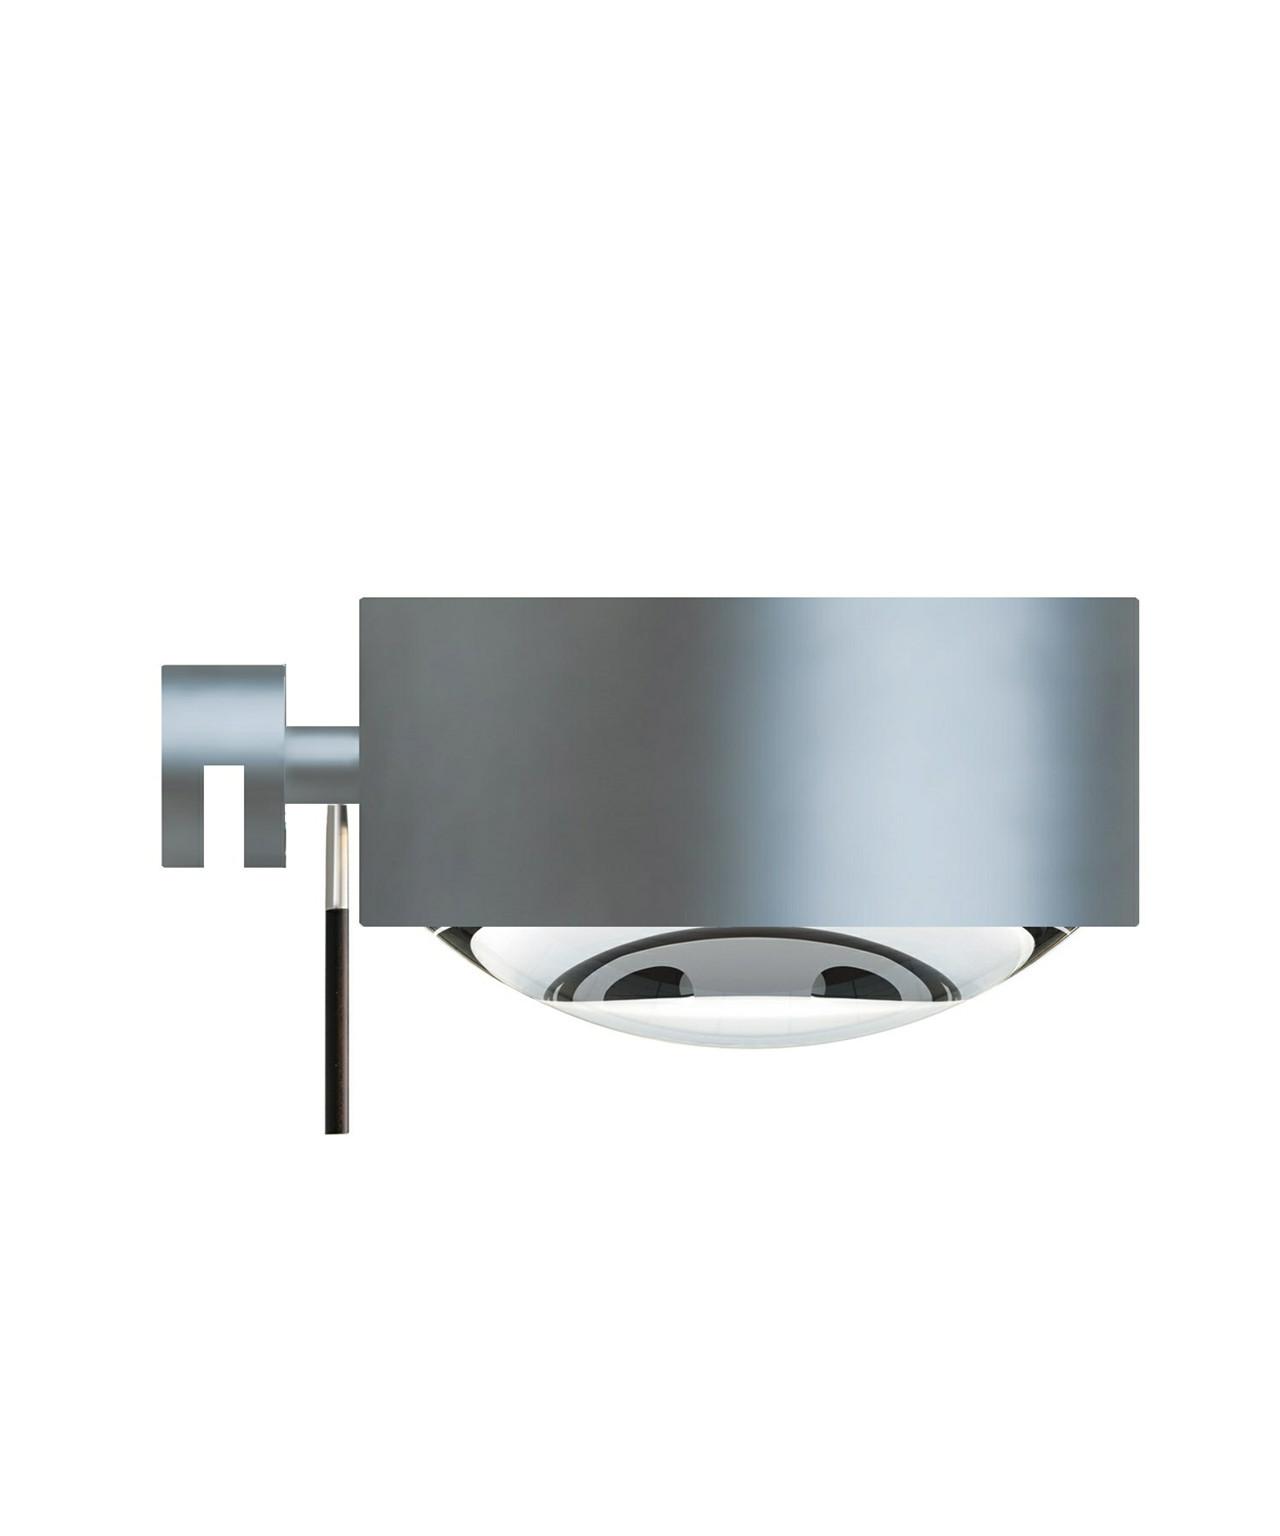 Puk Maxx Mirror Fix Vegglampe Halogen Mat Krom - Top Light